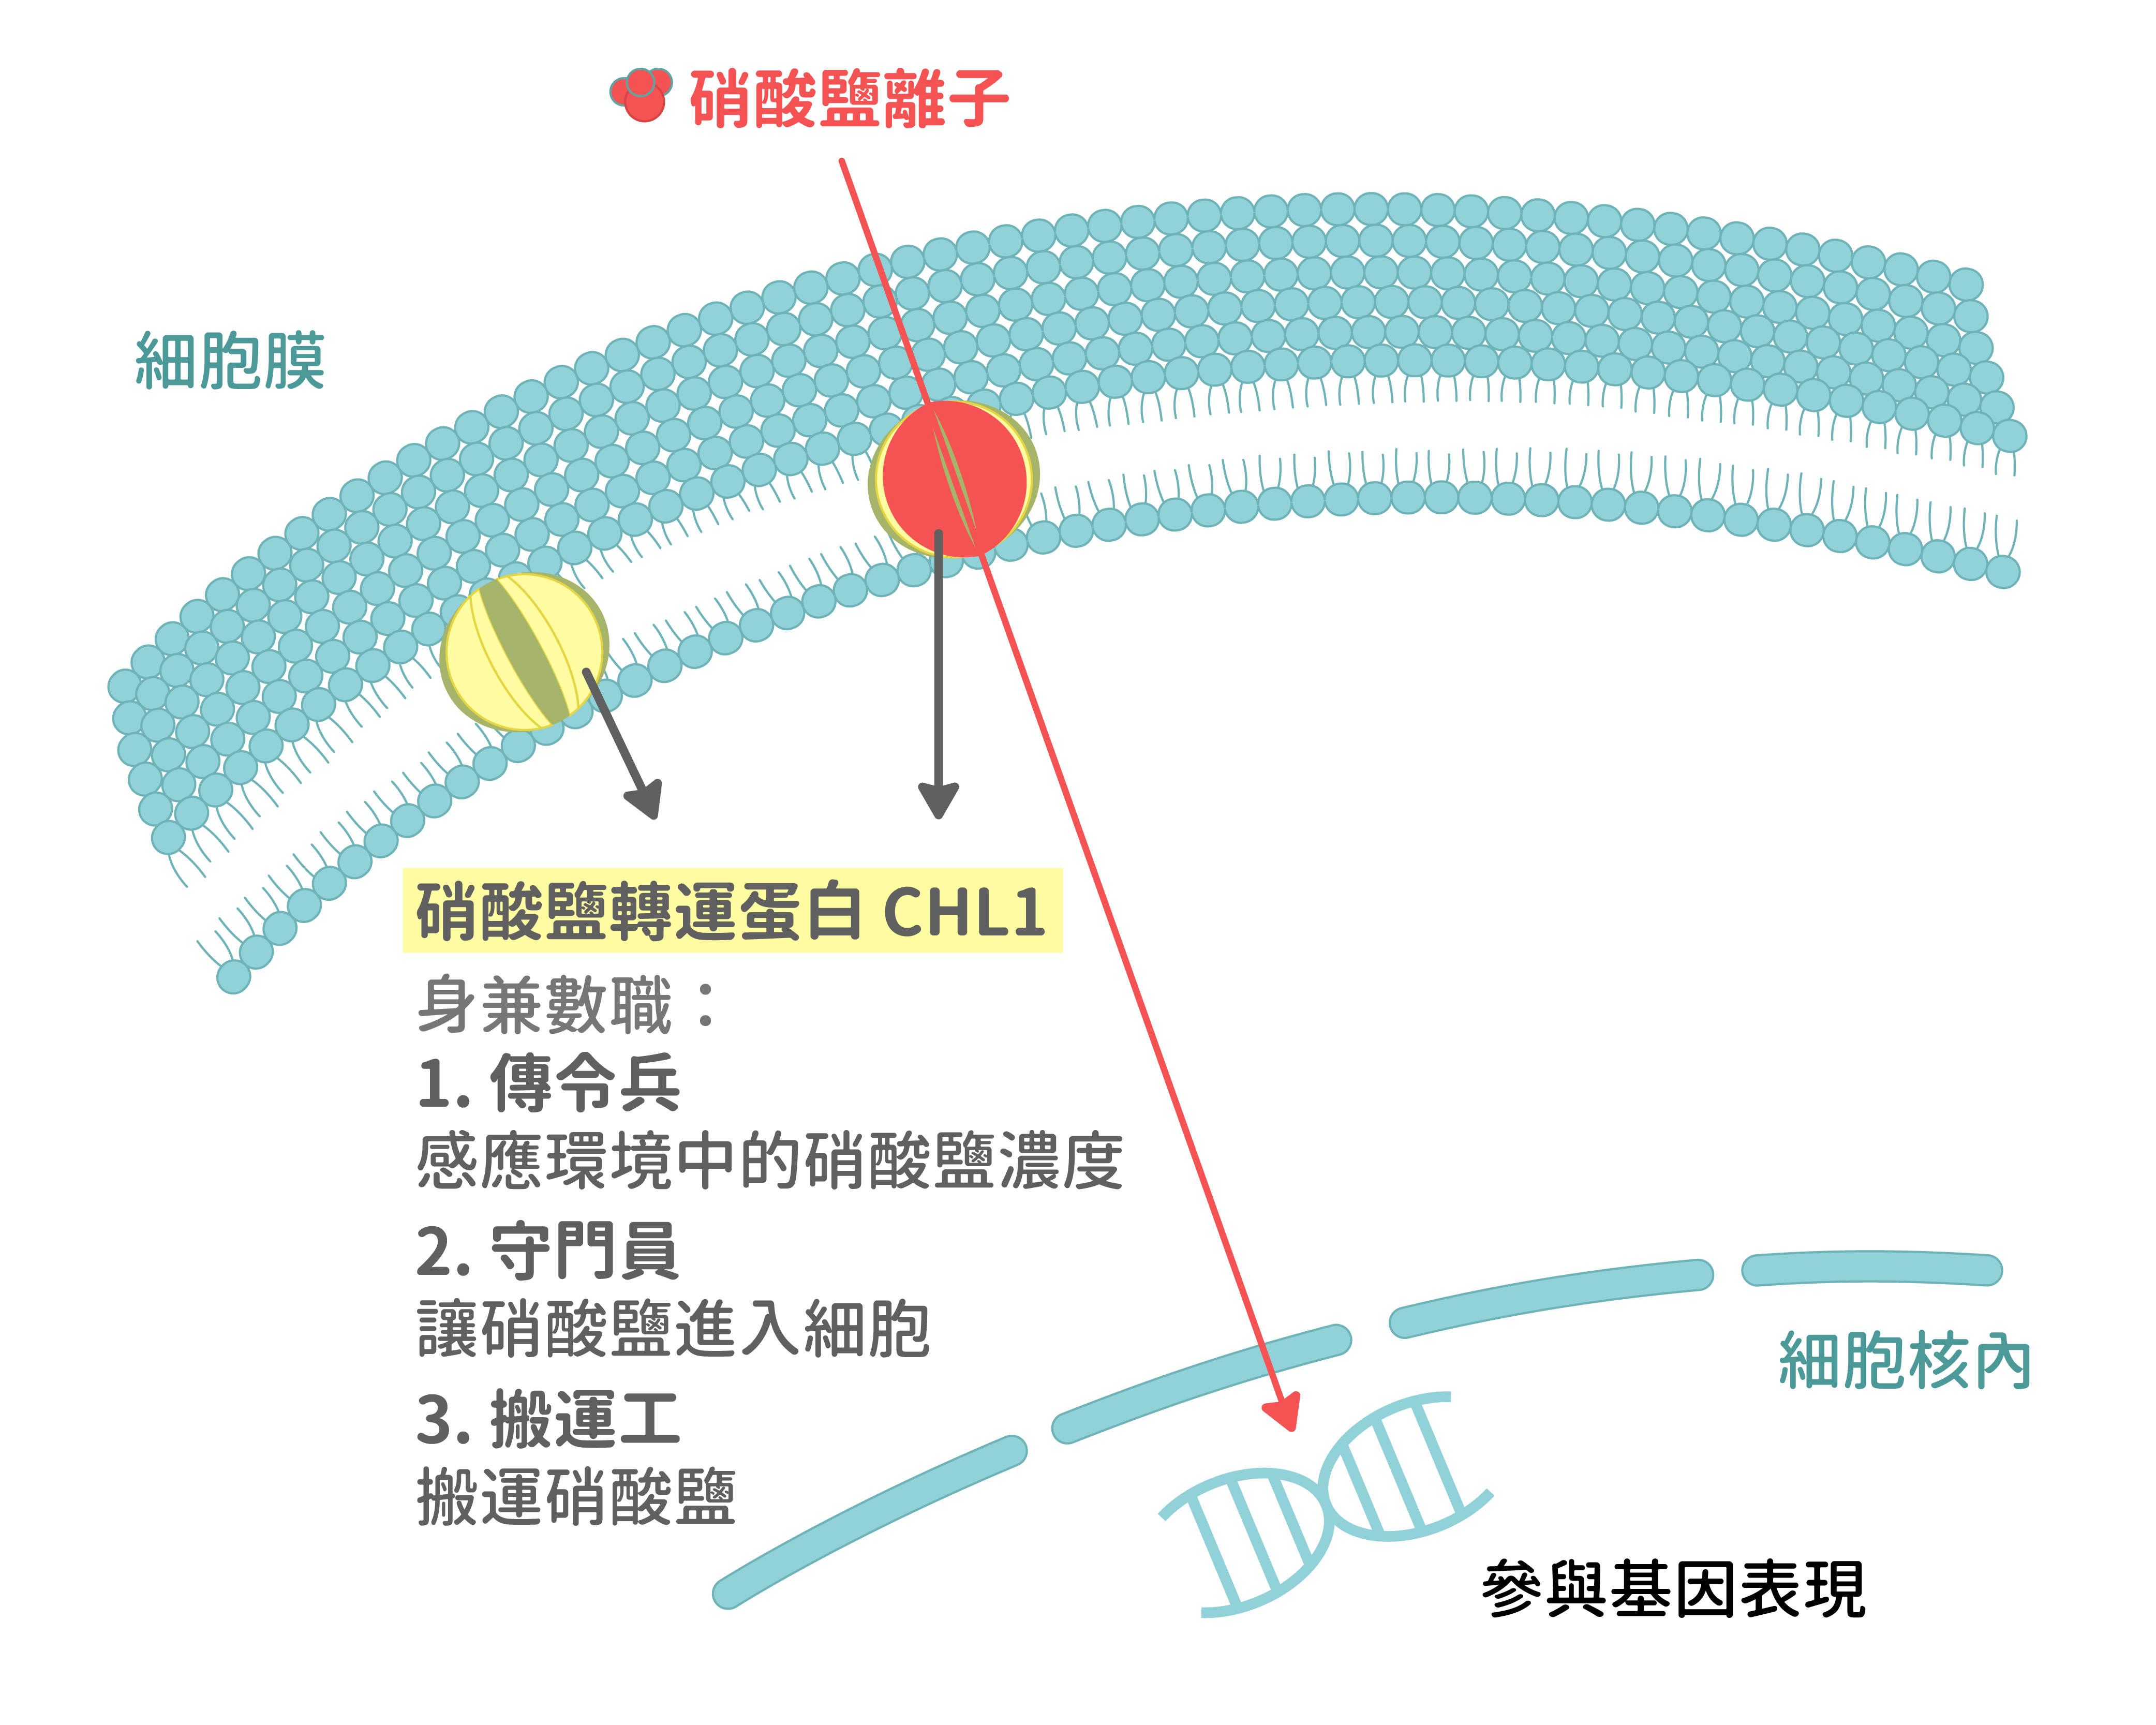 位於細胞膜,身兼數職的硝酸鹽轉運蛋白 CHL1。圖│研之有物 (資料來源│C.-H. Ho, S.-H. Lin, H.-C. Hu, and Y.-F. Tsay* (2009) CHL1 Functions as a Nitrate Sensor in Plants. Cell 138, 1184–1194.)